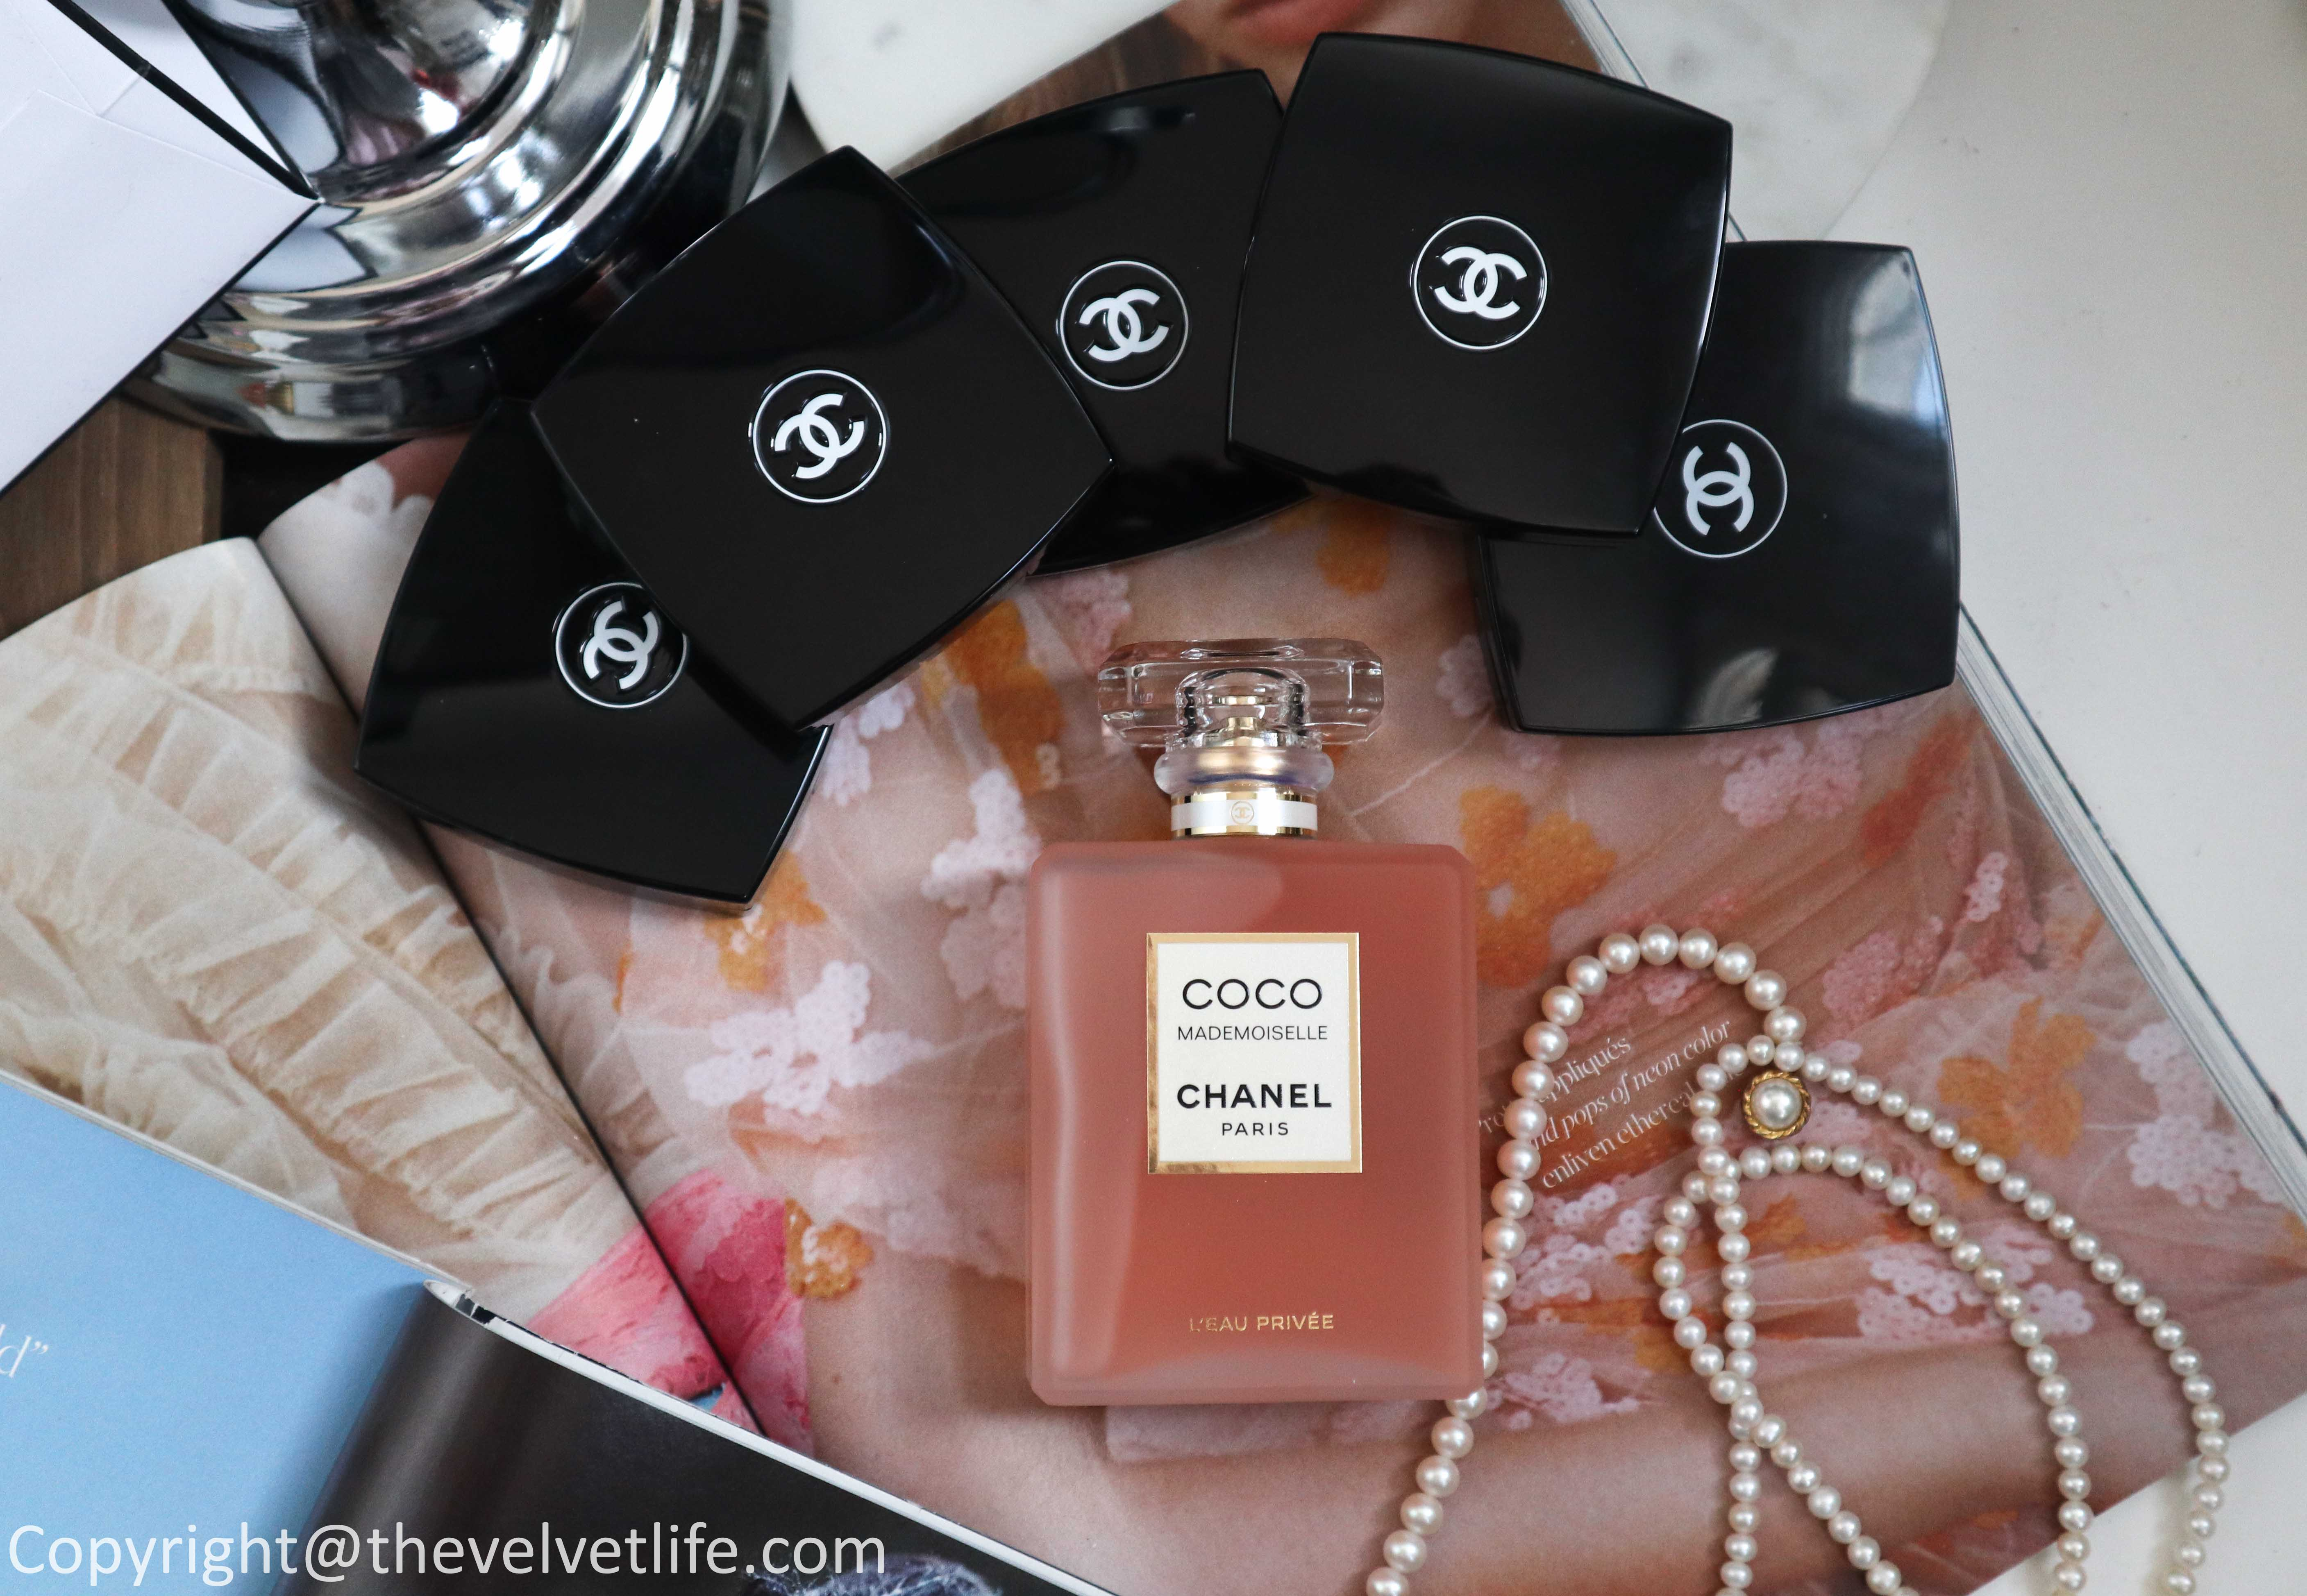 Chanel Coco Mademoiselle L'Eau Privée review